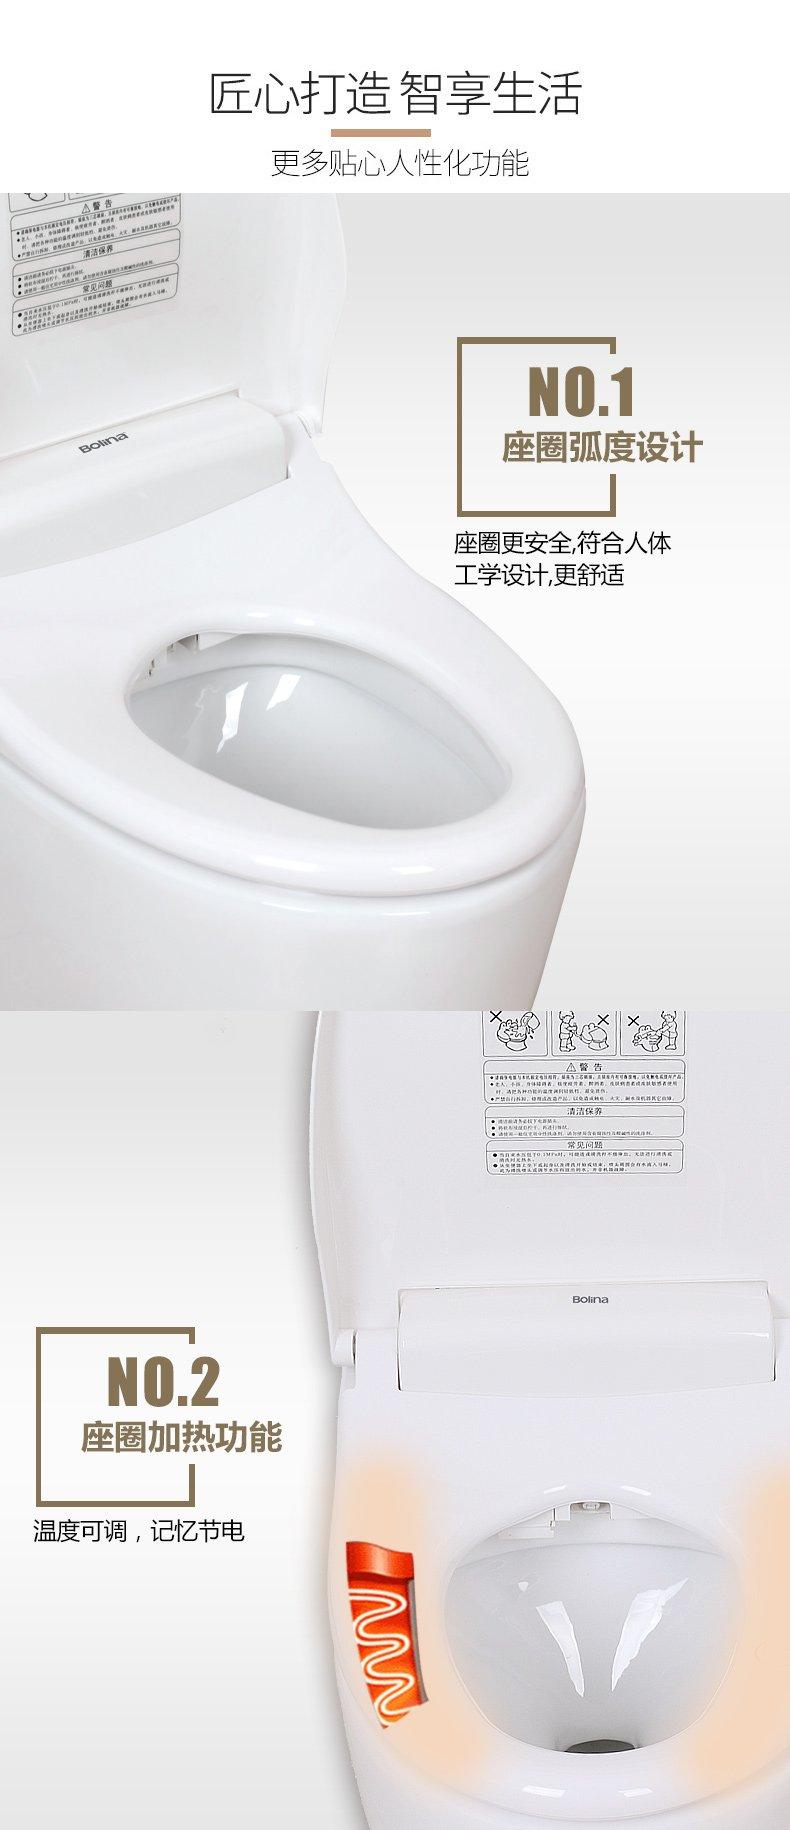 航标卫浴 智能马桶即热冲洗烘干一体式坐便器效果图